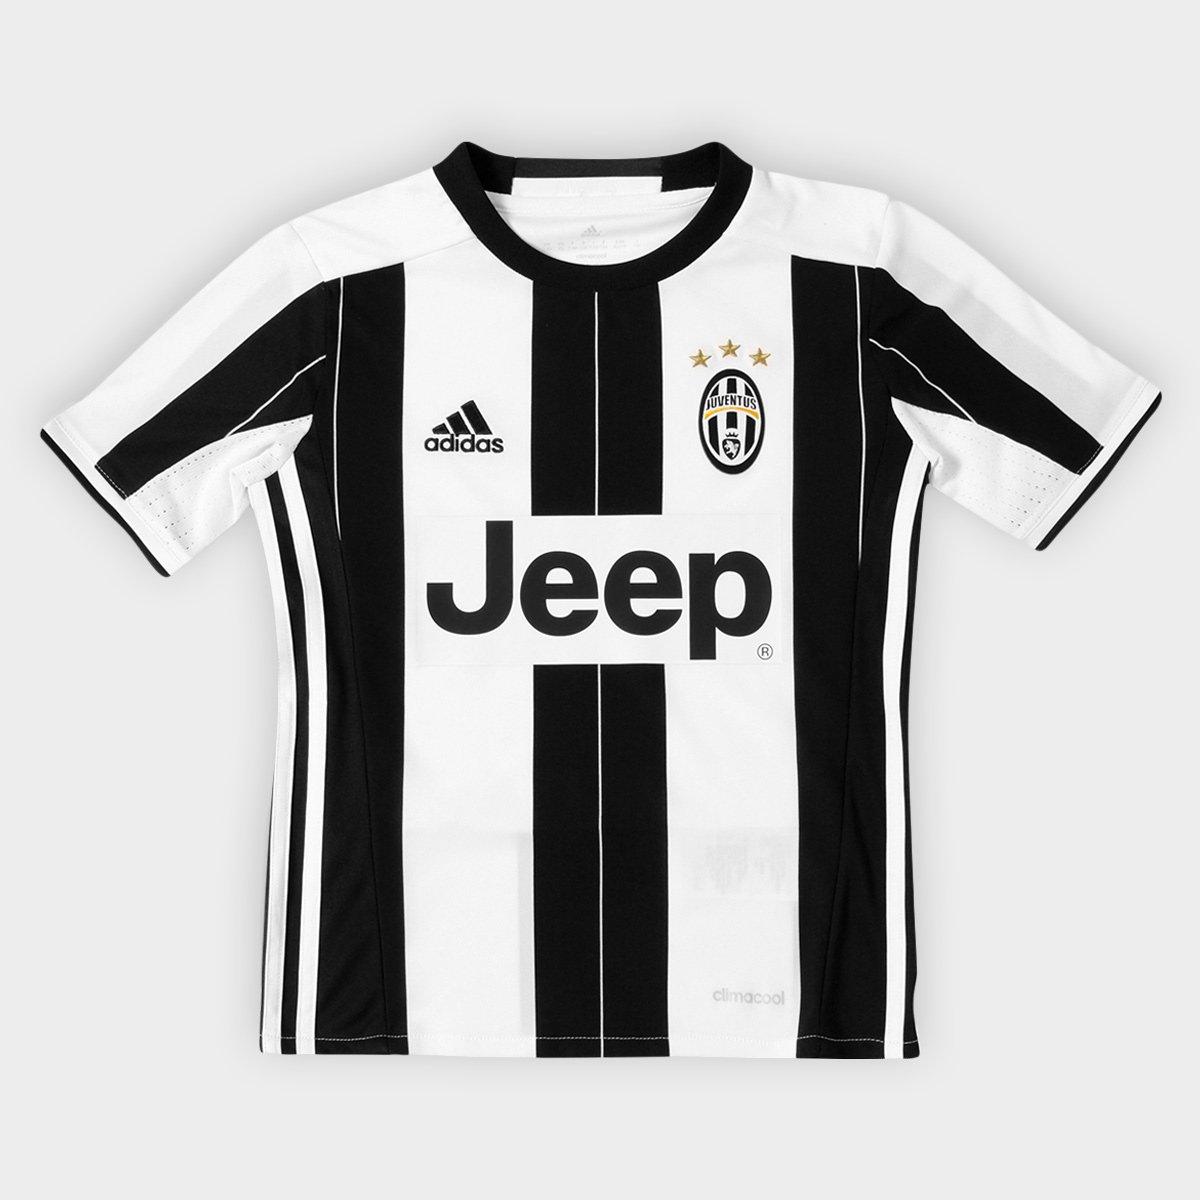 Camisa Juventus Infantil Home 16 17 s nº - Torcedor Adidas - Compre Agora  ff118e5bb4543